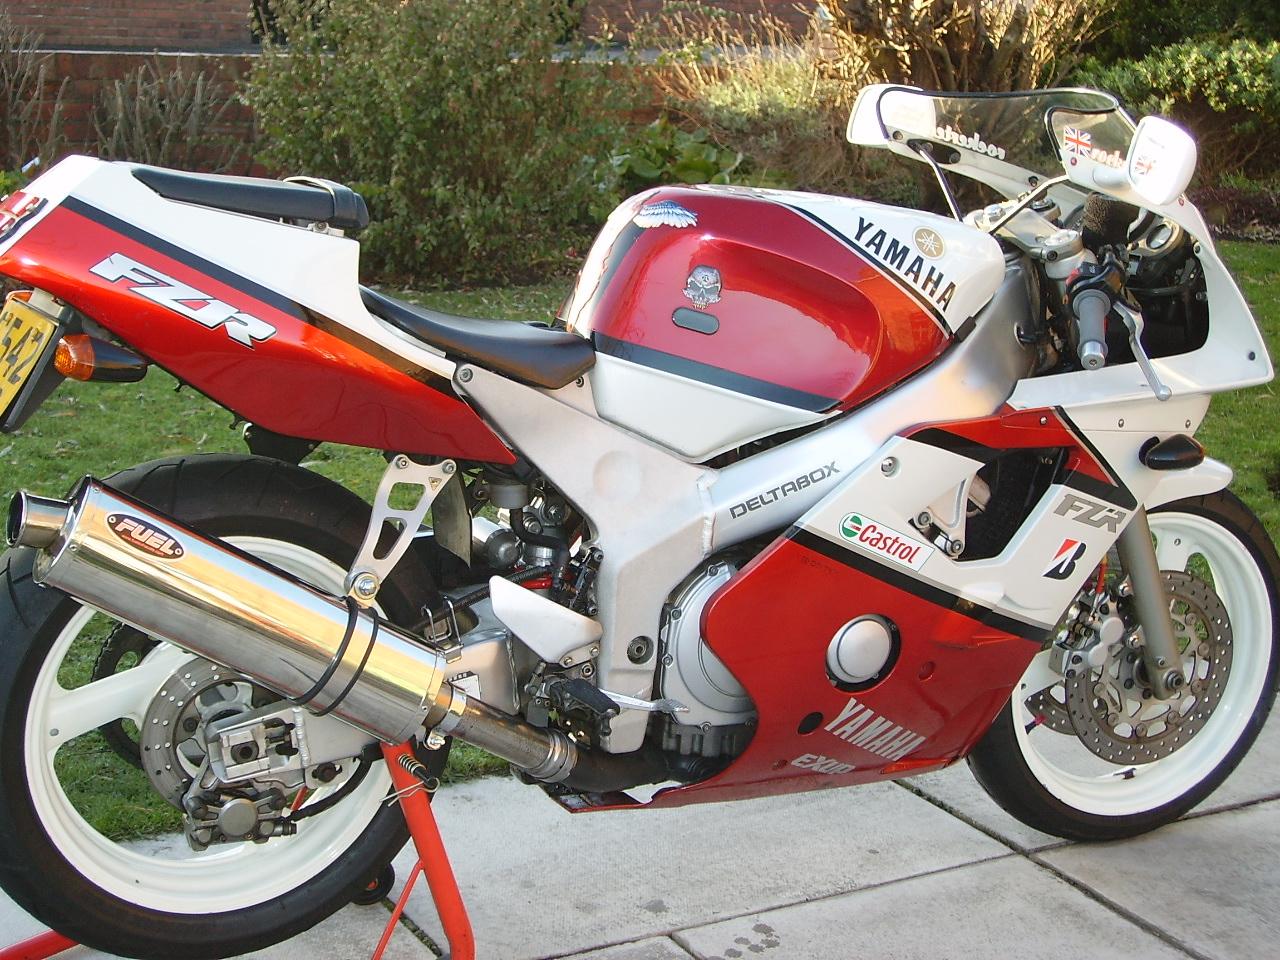 Le retour de la KAWASAKI NINJA 400 !!!! B_1_q_0_p_0.jpg?u=http%3A%2F%2Fmotorbike-search-engine.co.uk%2Fclassic_bikes%2F1990-fzr400